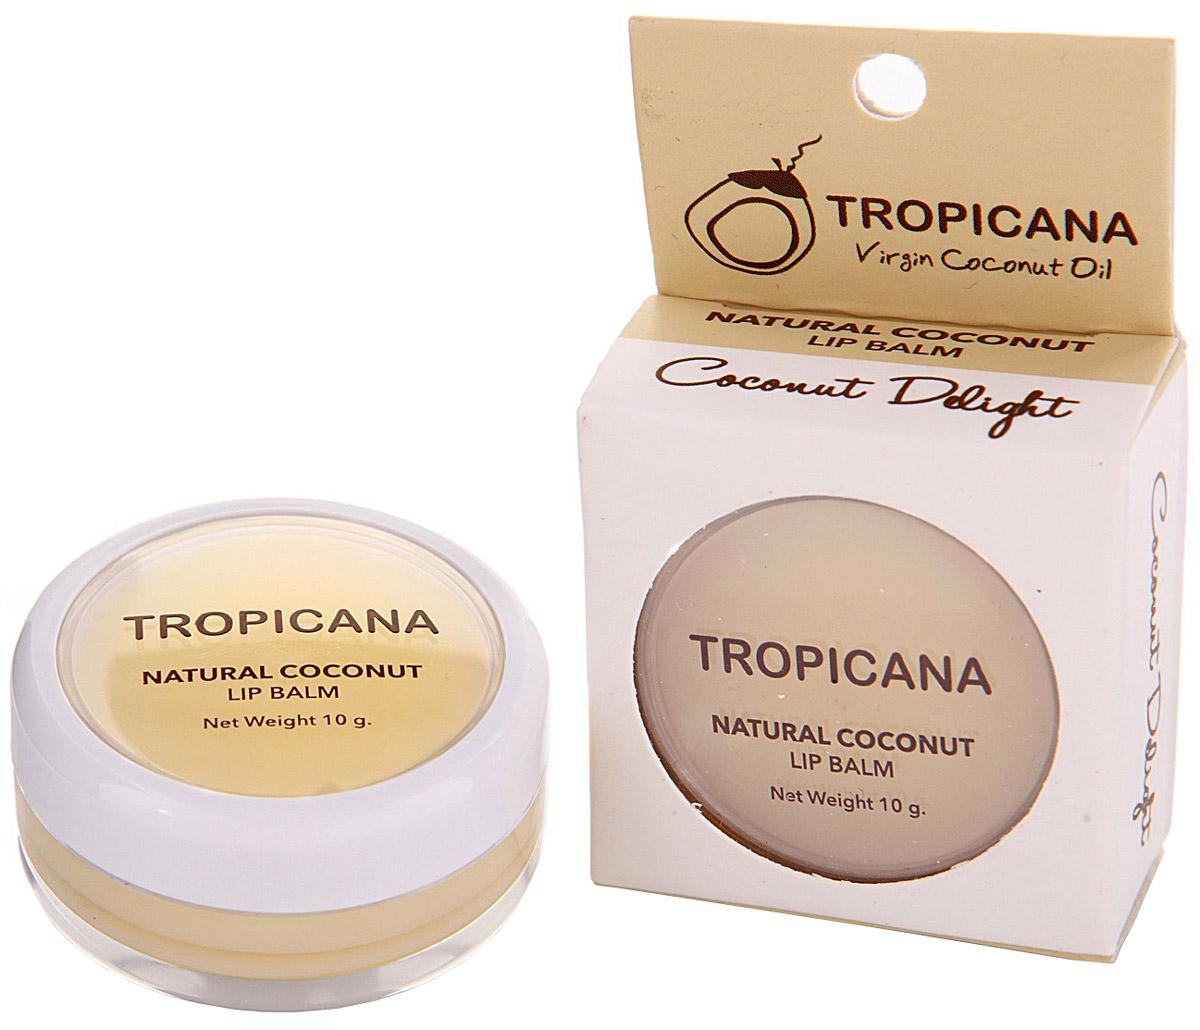 Бальзам для губ Кокосове наслаждение TropicanaAC-2233_серыйВ основу бальзама входит натуральное кокосовое масло холодного отжима, обладающее увлажняющими и питательными свойствами, масло какао и масло ши. Помогает коже губ оставаться увлажненными, снимает сухость, препятствует образованию микро-трещинок. Зрительно увеличивает губ. Спасает от ожогов на солнце, а также ухаживает и увлажняет в зимний период. С приятным ароматом кокоса. Не содержит в себе отдушек и химических добавок.